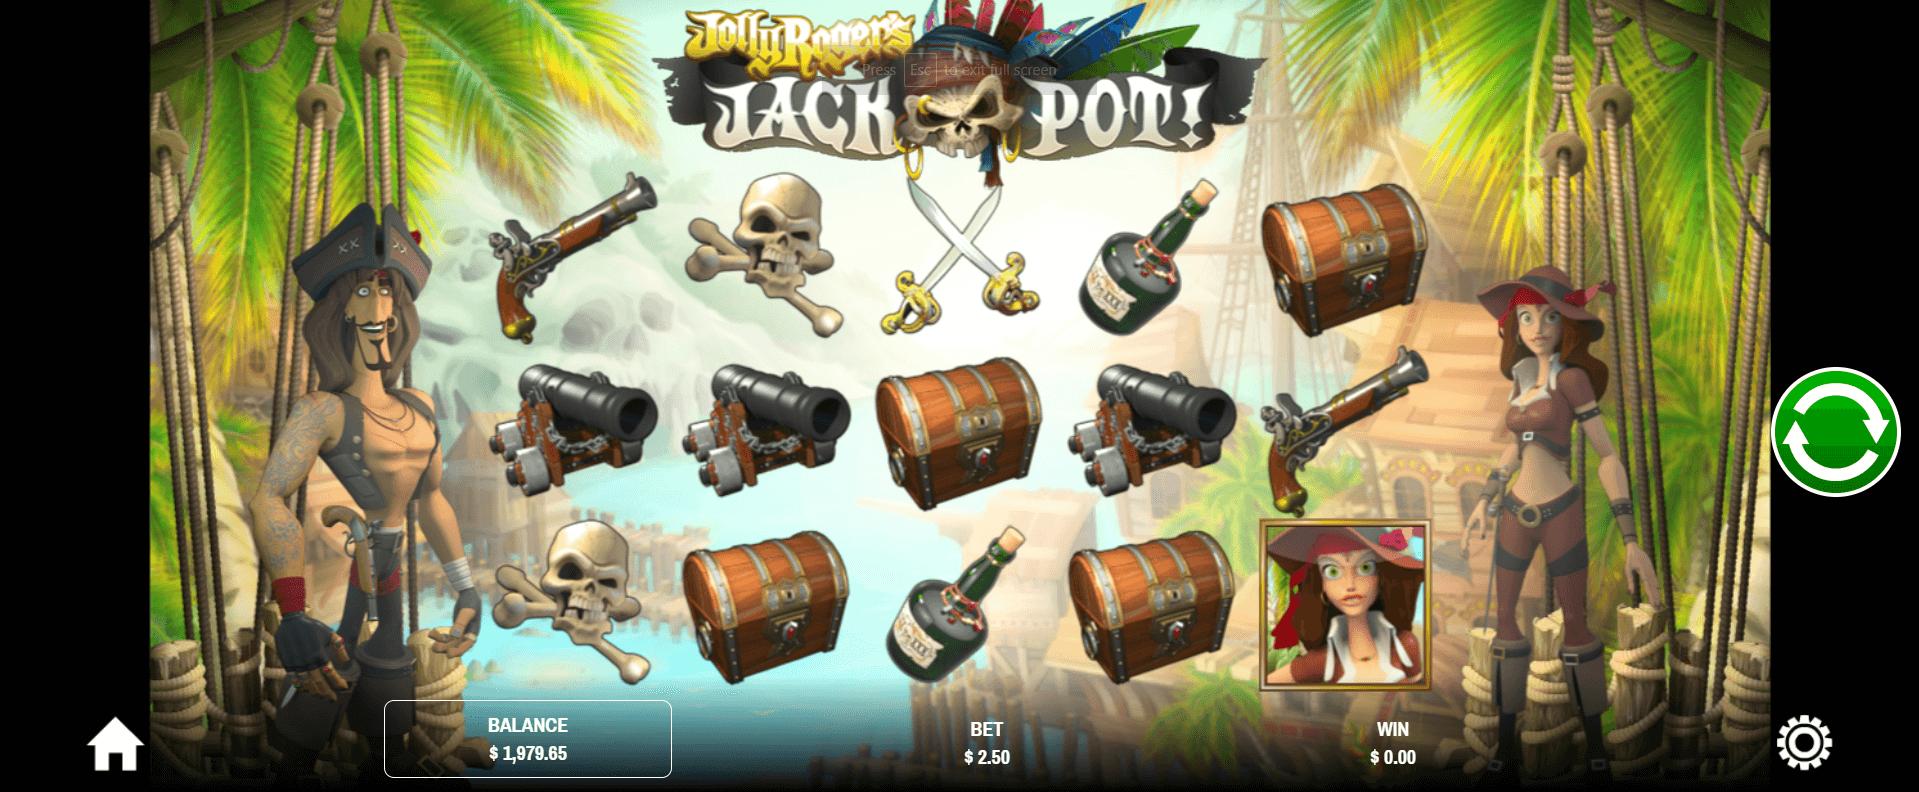 Spiele Jolly RogerS Jackpot - Video Slots Online